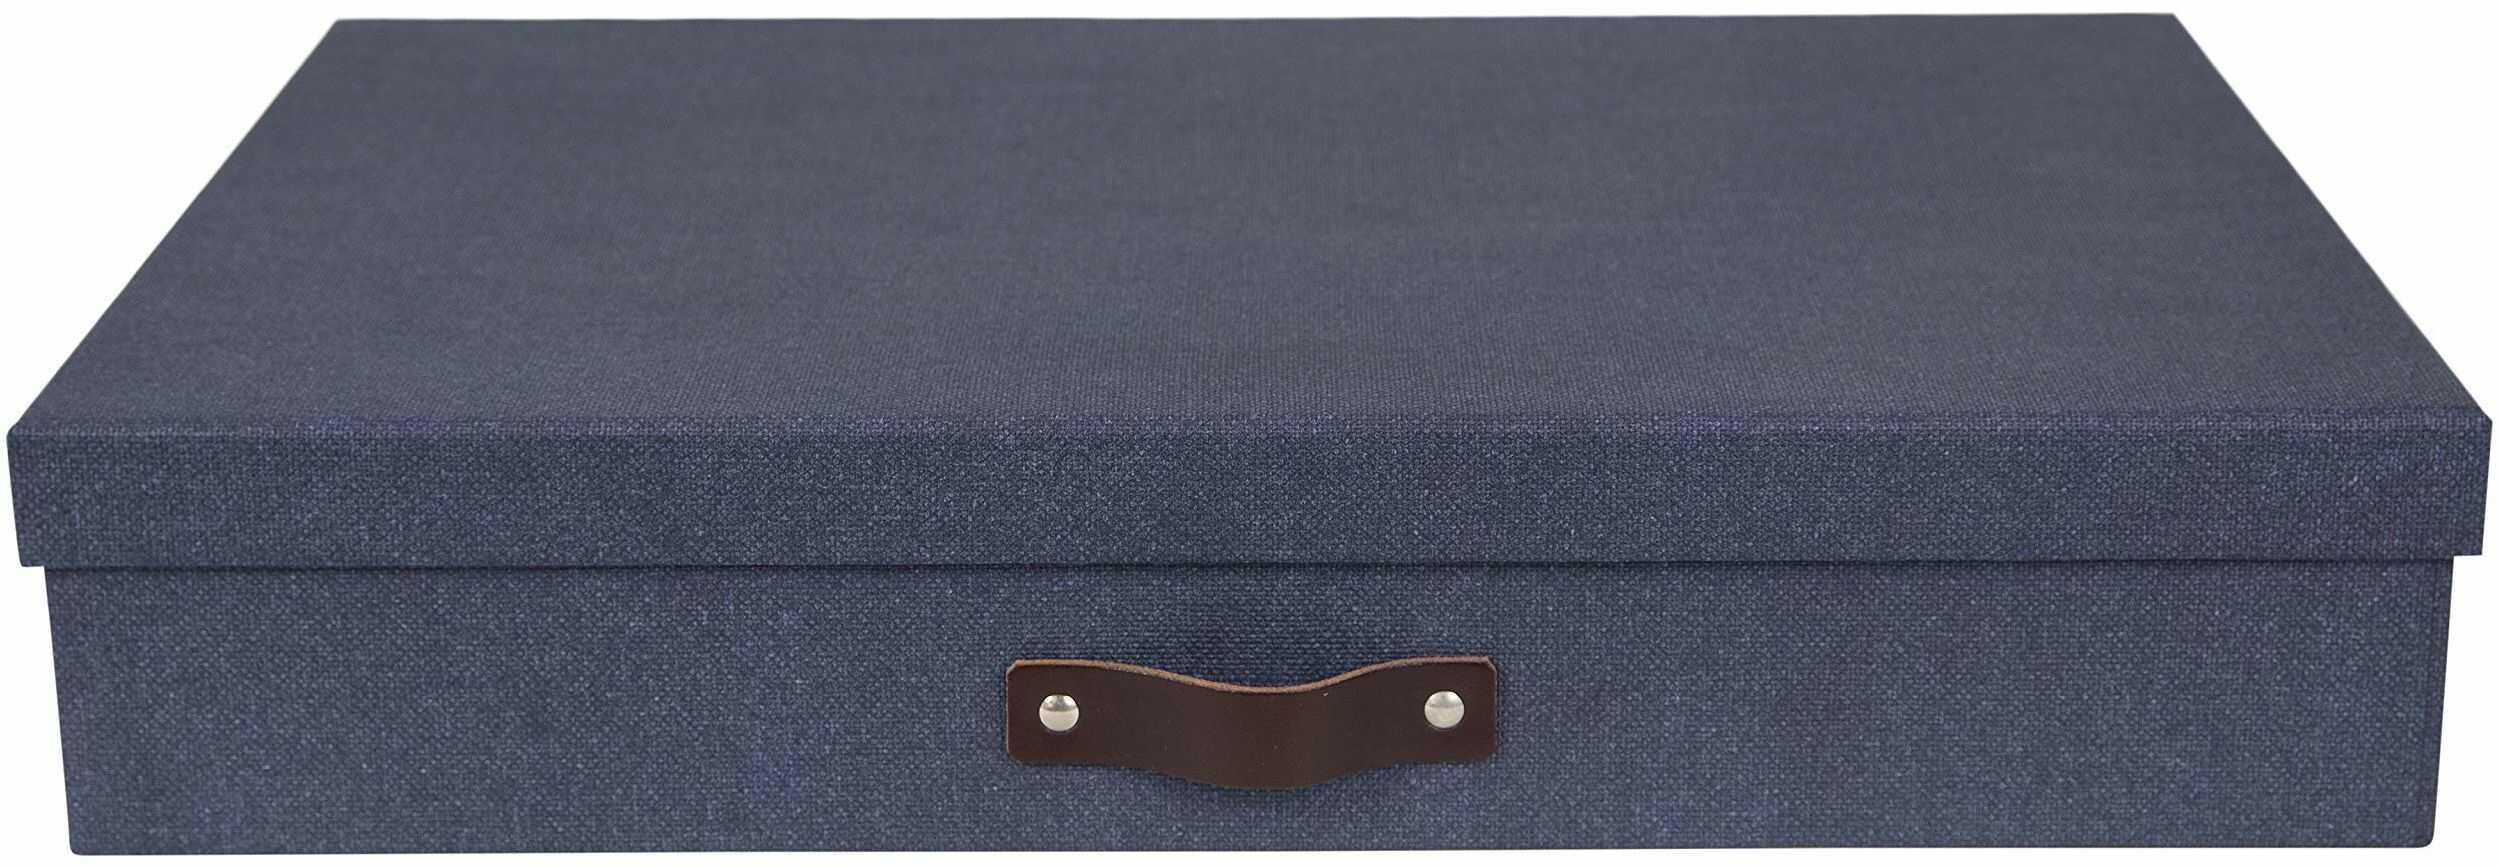 Sverker Box / pudełko do przechowywania dokumentów biurowych A3, 44 cm szerokości x 31 cm głębokości x 9 cm wysokości niebieskie